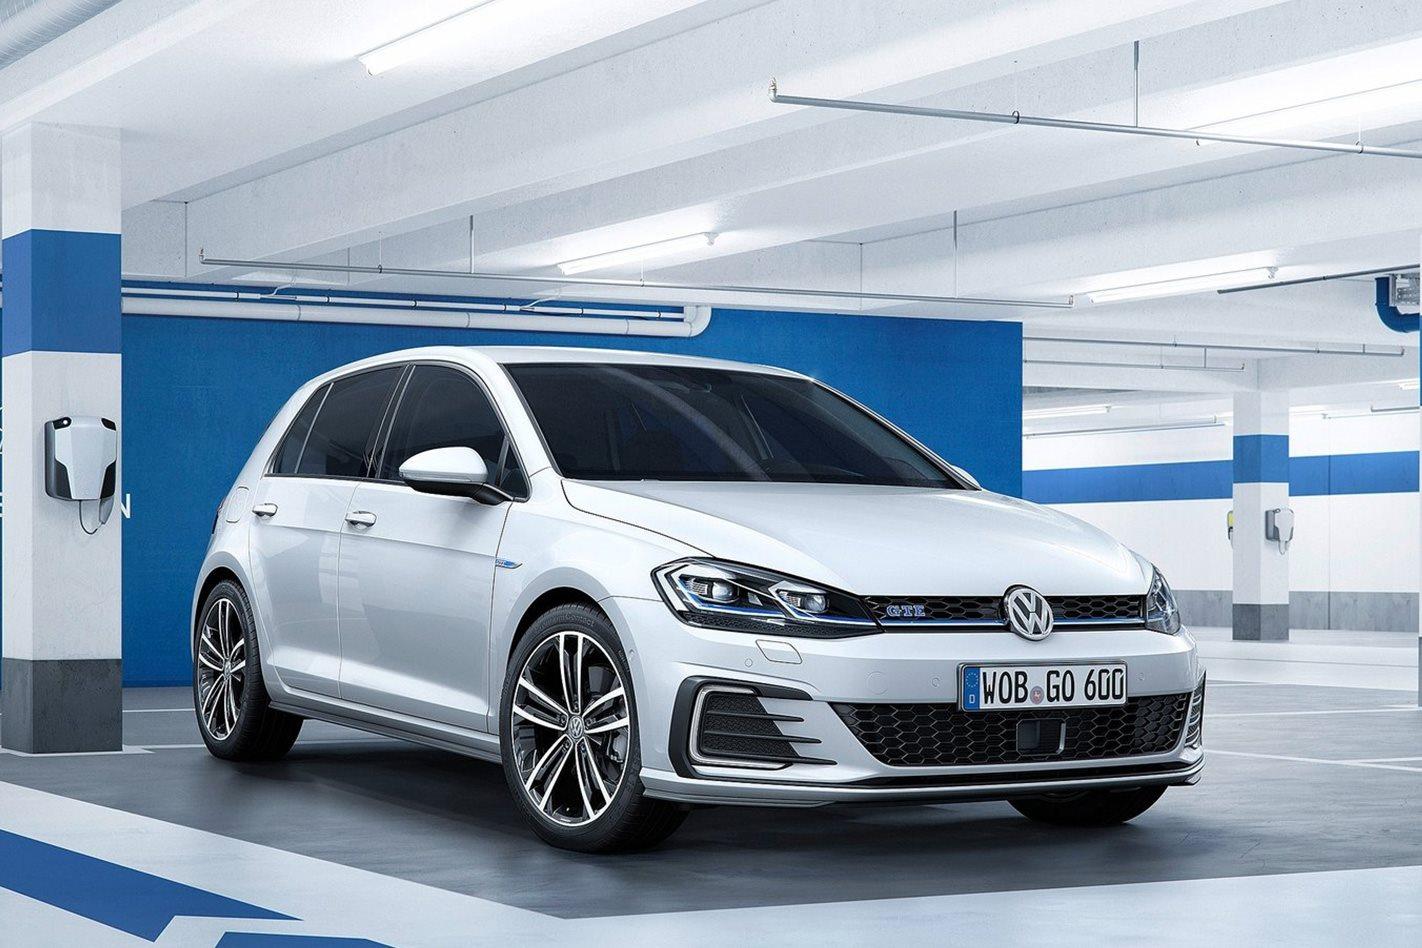 Volkswagen Electric Cars To Boost EV Uptake In Australia